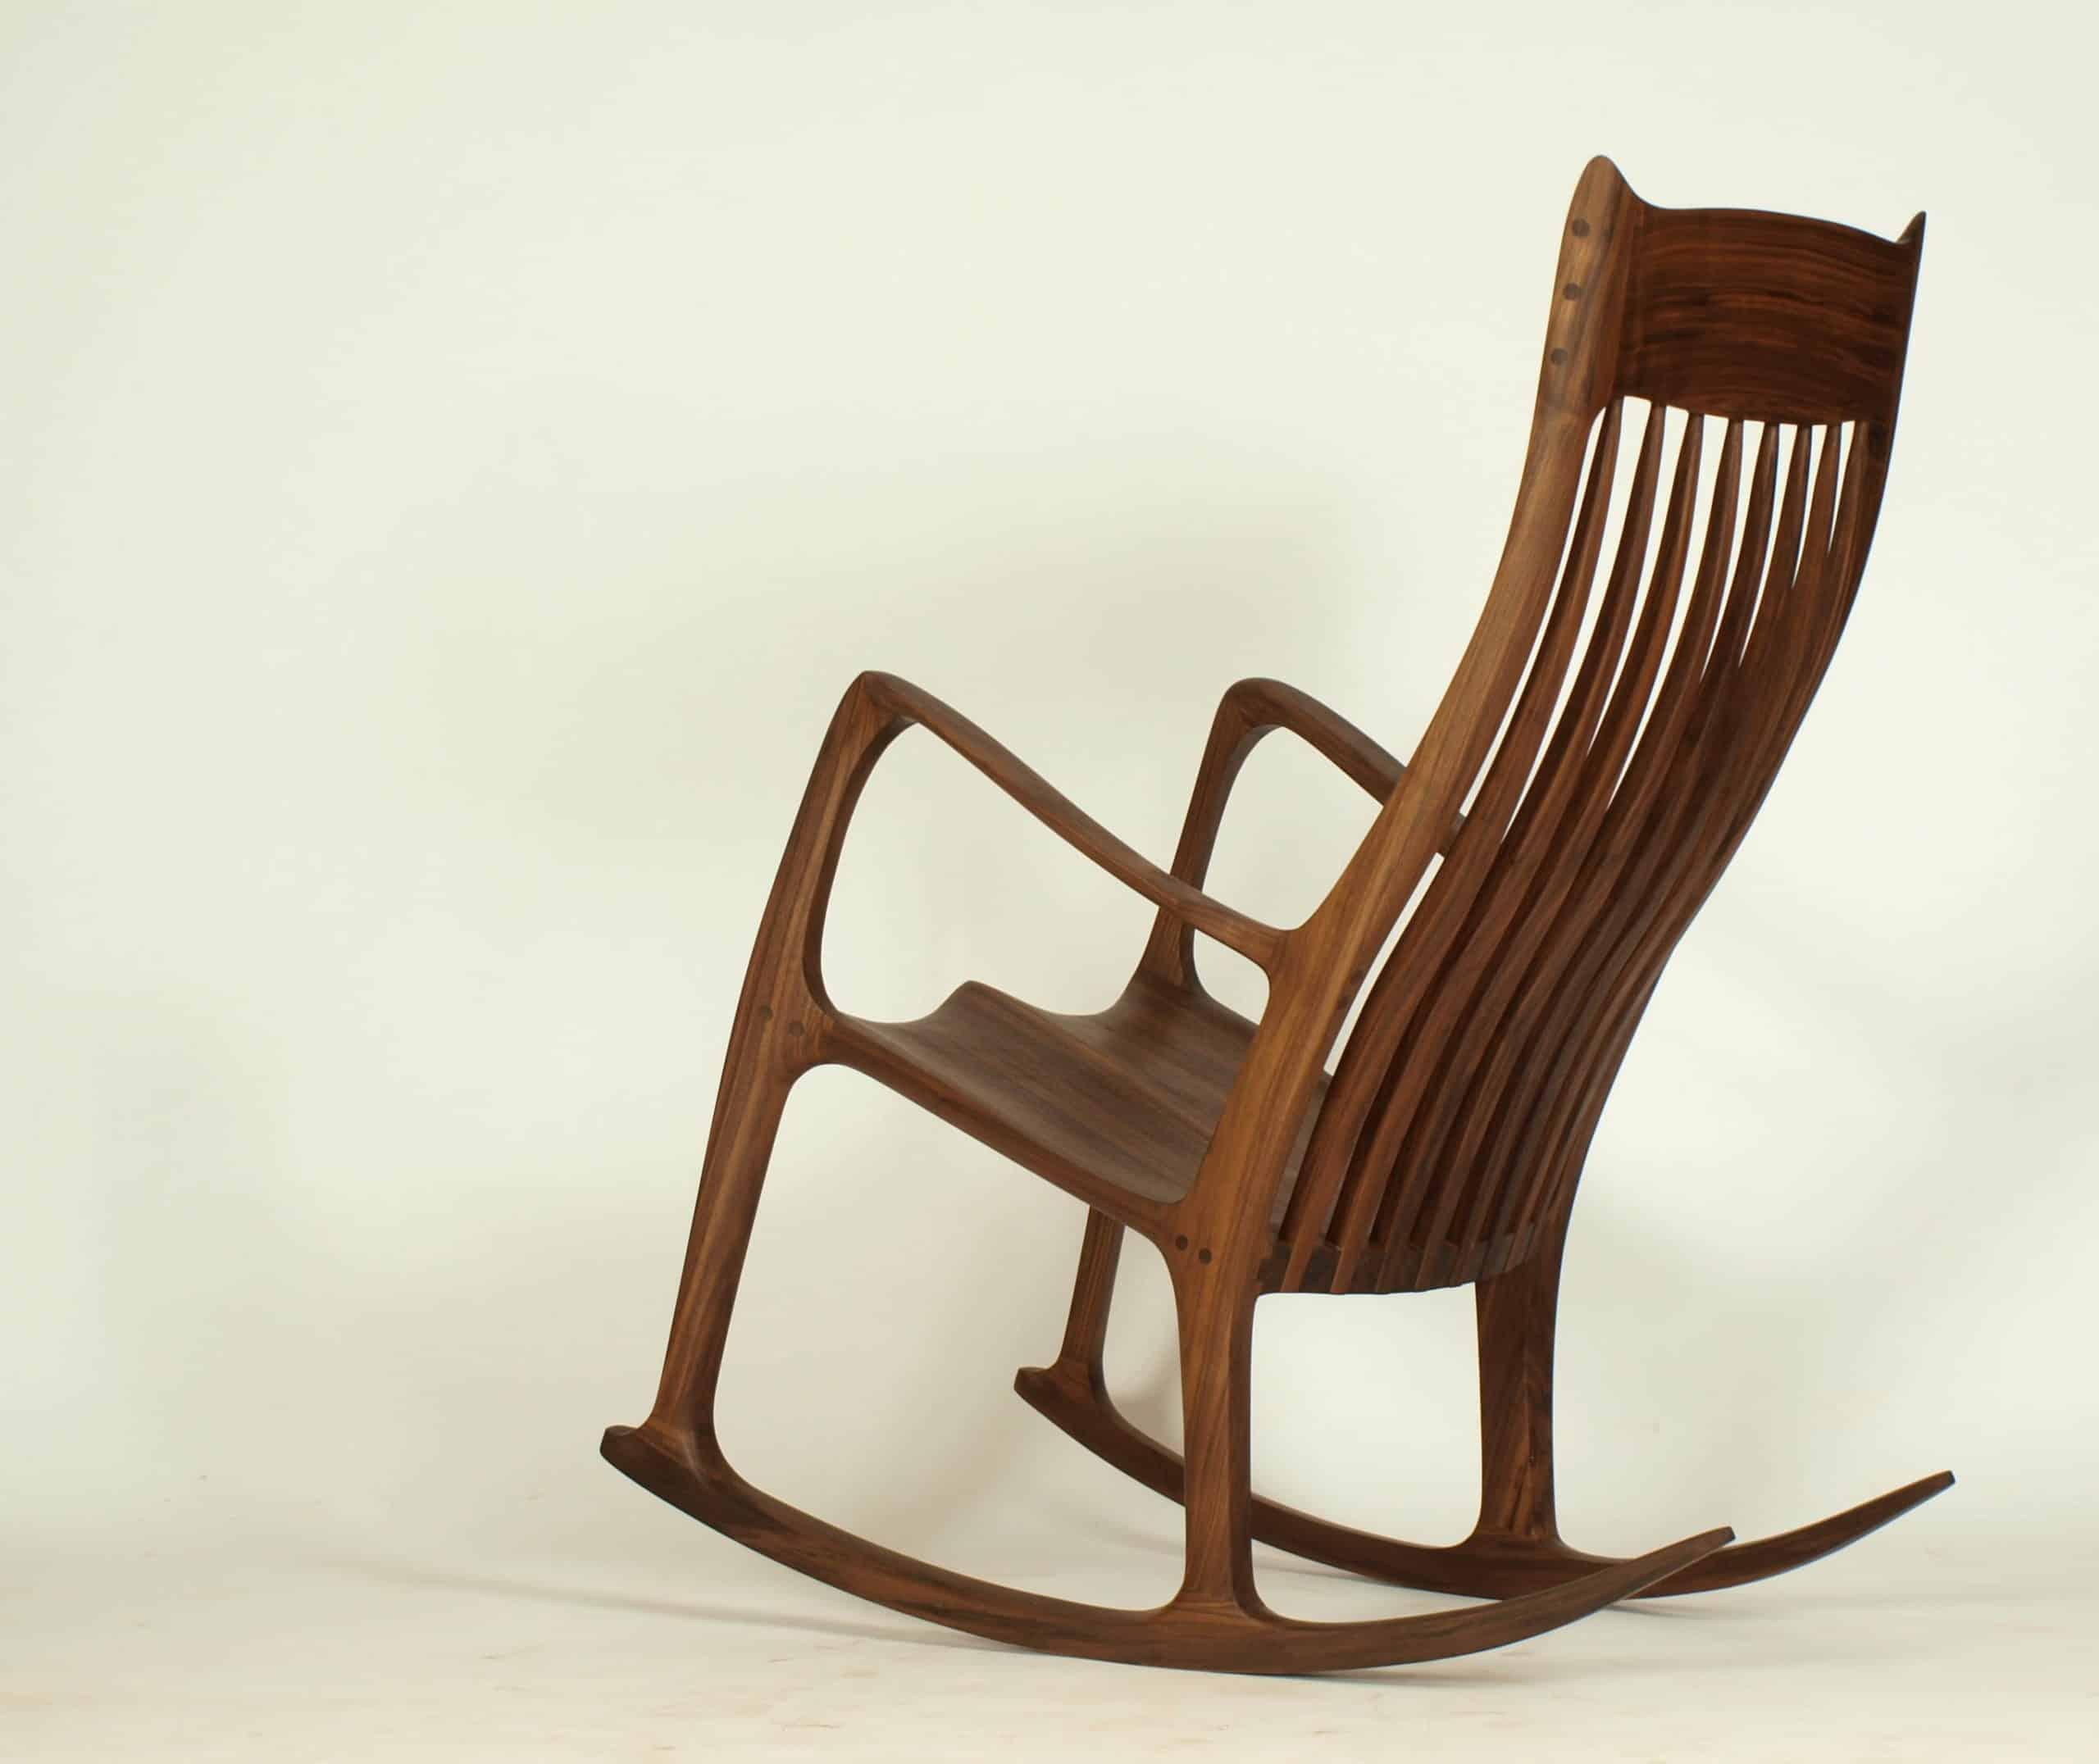 klassischer Schaukelstuhl aus massivholz nussbaum, von Hand gefetrtigt